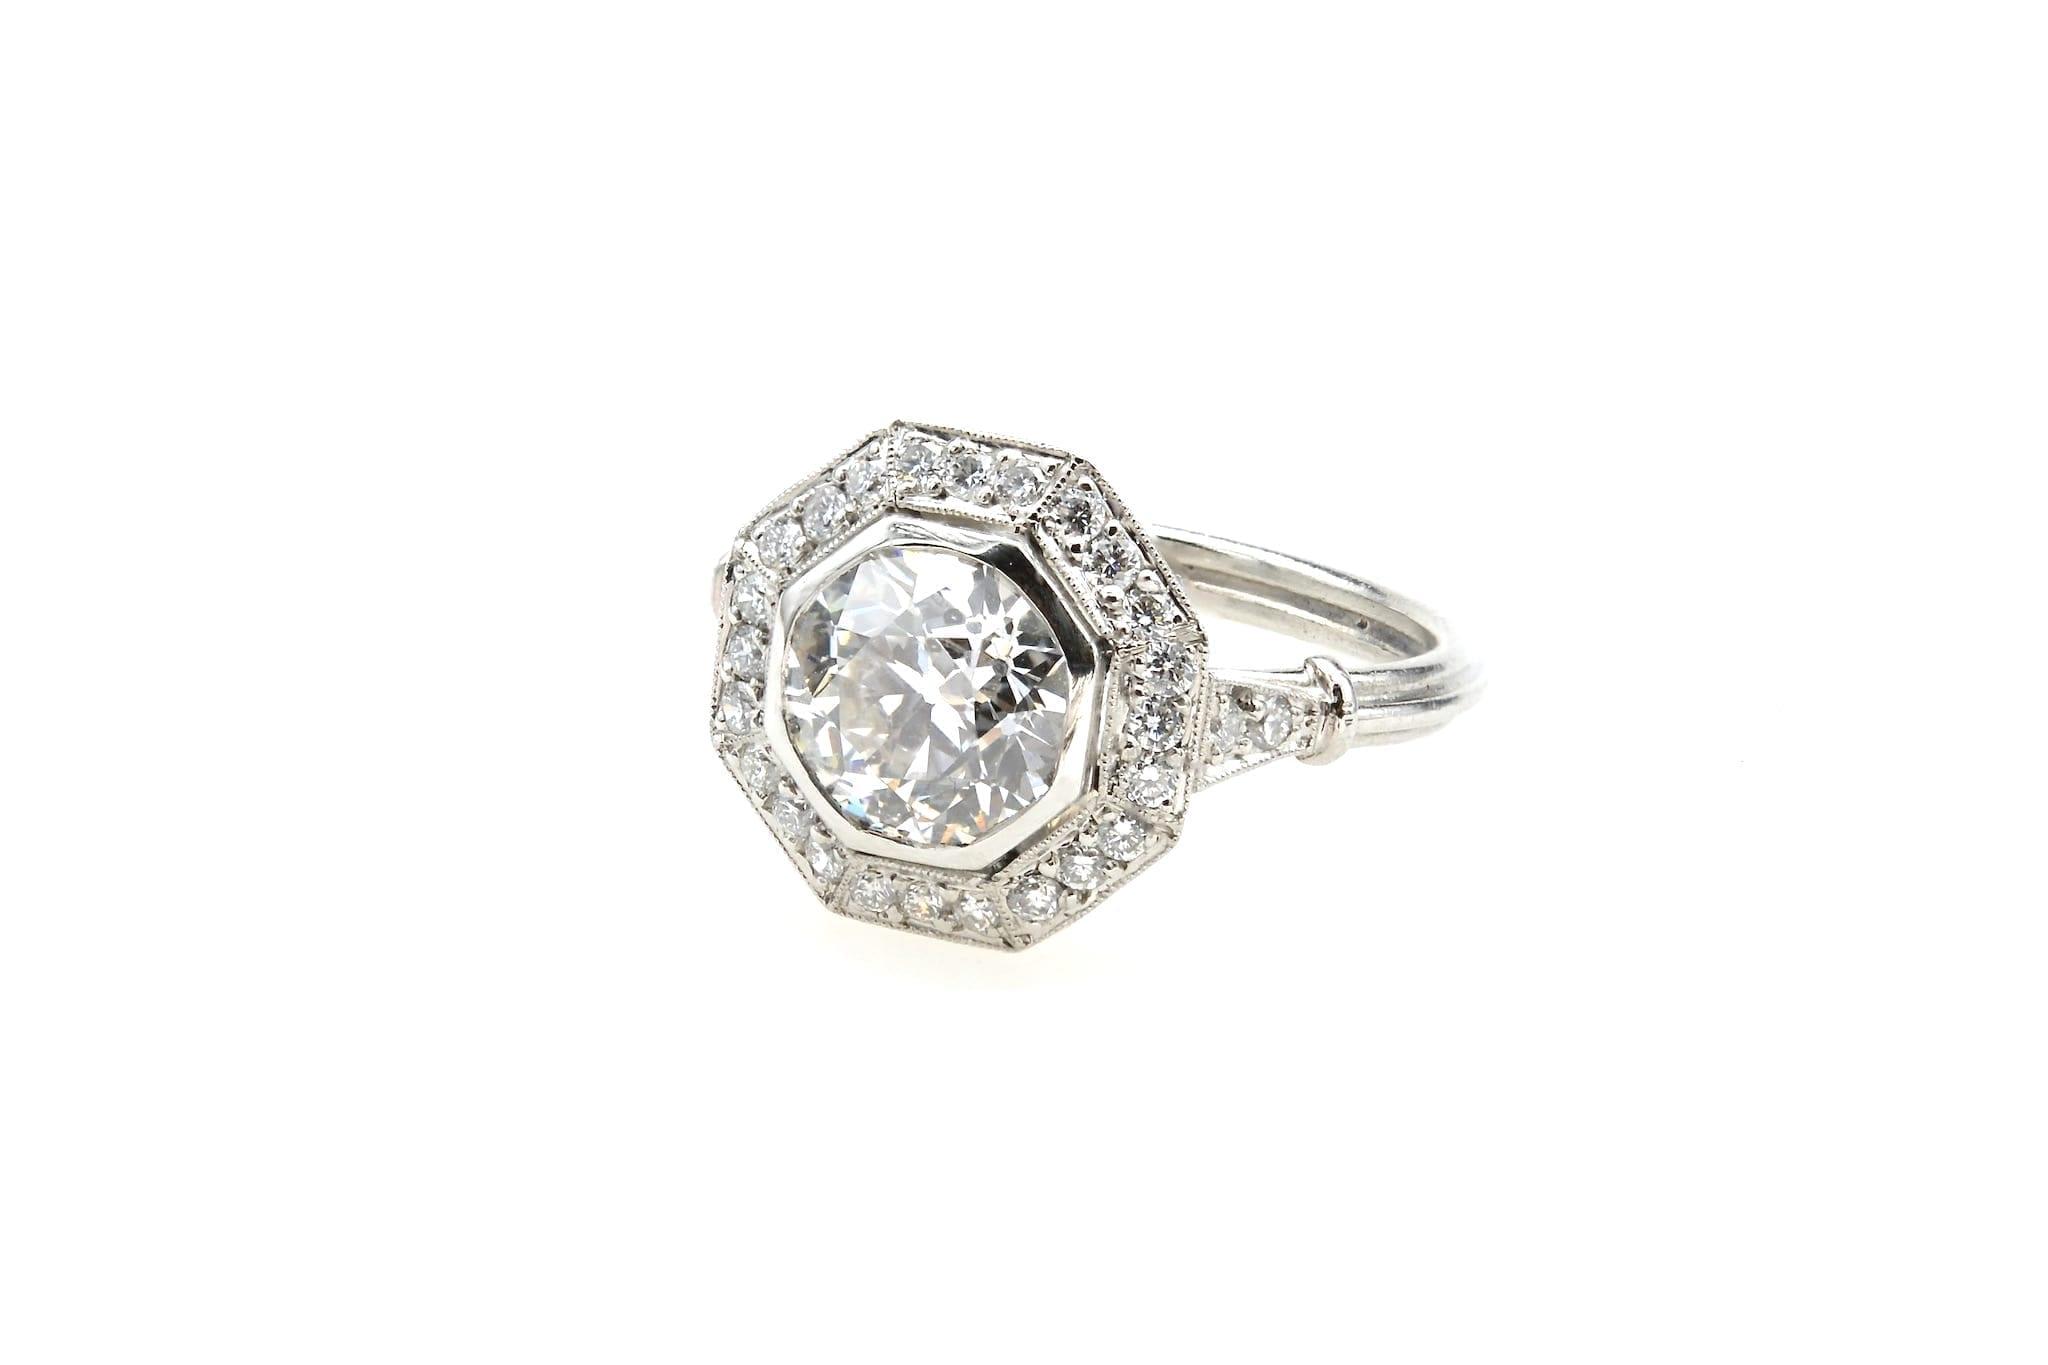 Bague Art Déco octogonale diamant en platine